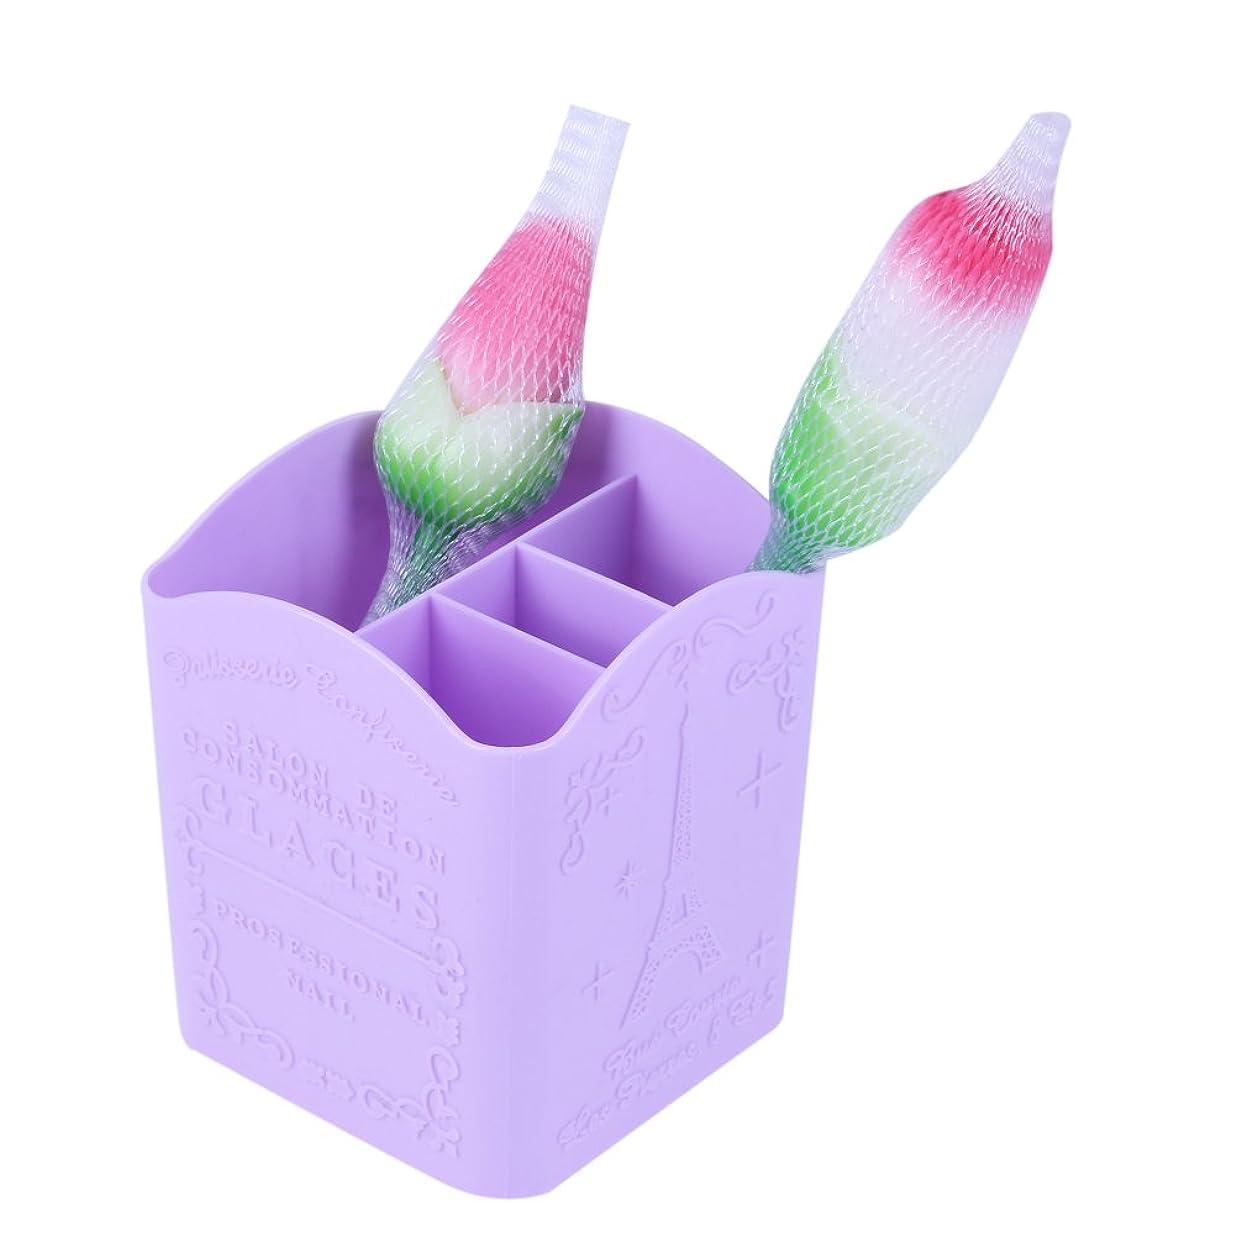 非公式ローブ使役Yumbyss - メイクブラシペンのために1個プラスチック製化粧ケースポータブルストレージメイクバッグオーガナイザーブラシホルダーカップ